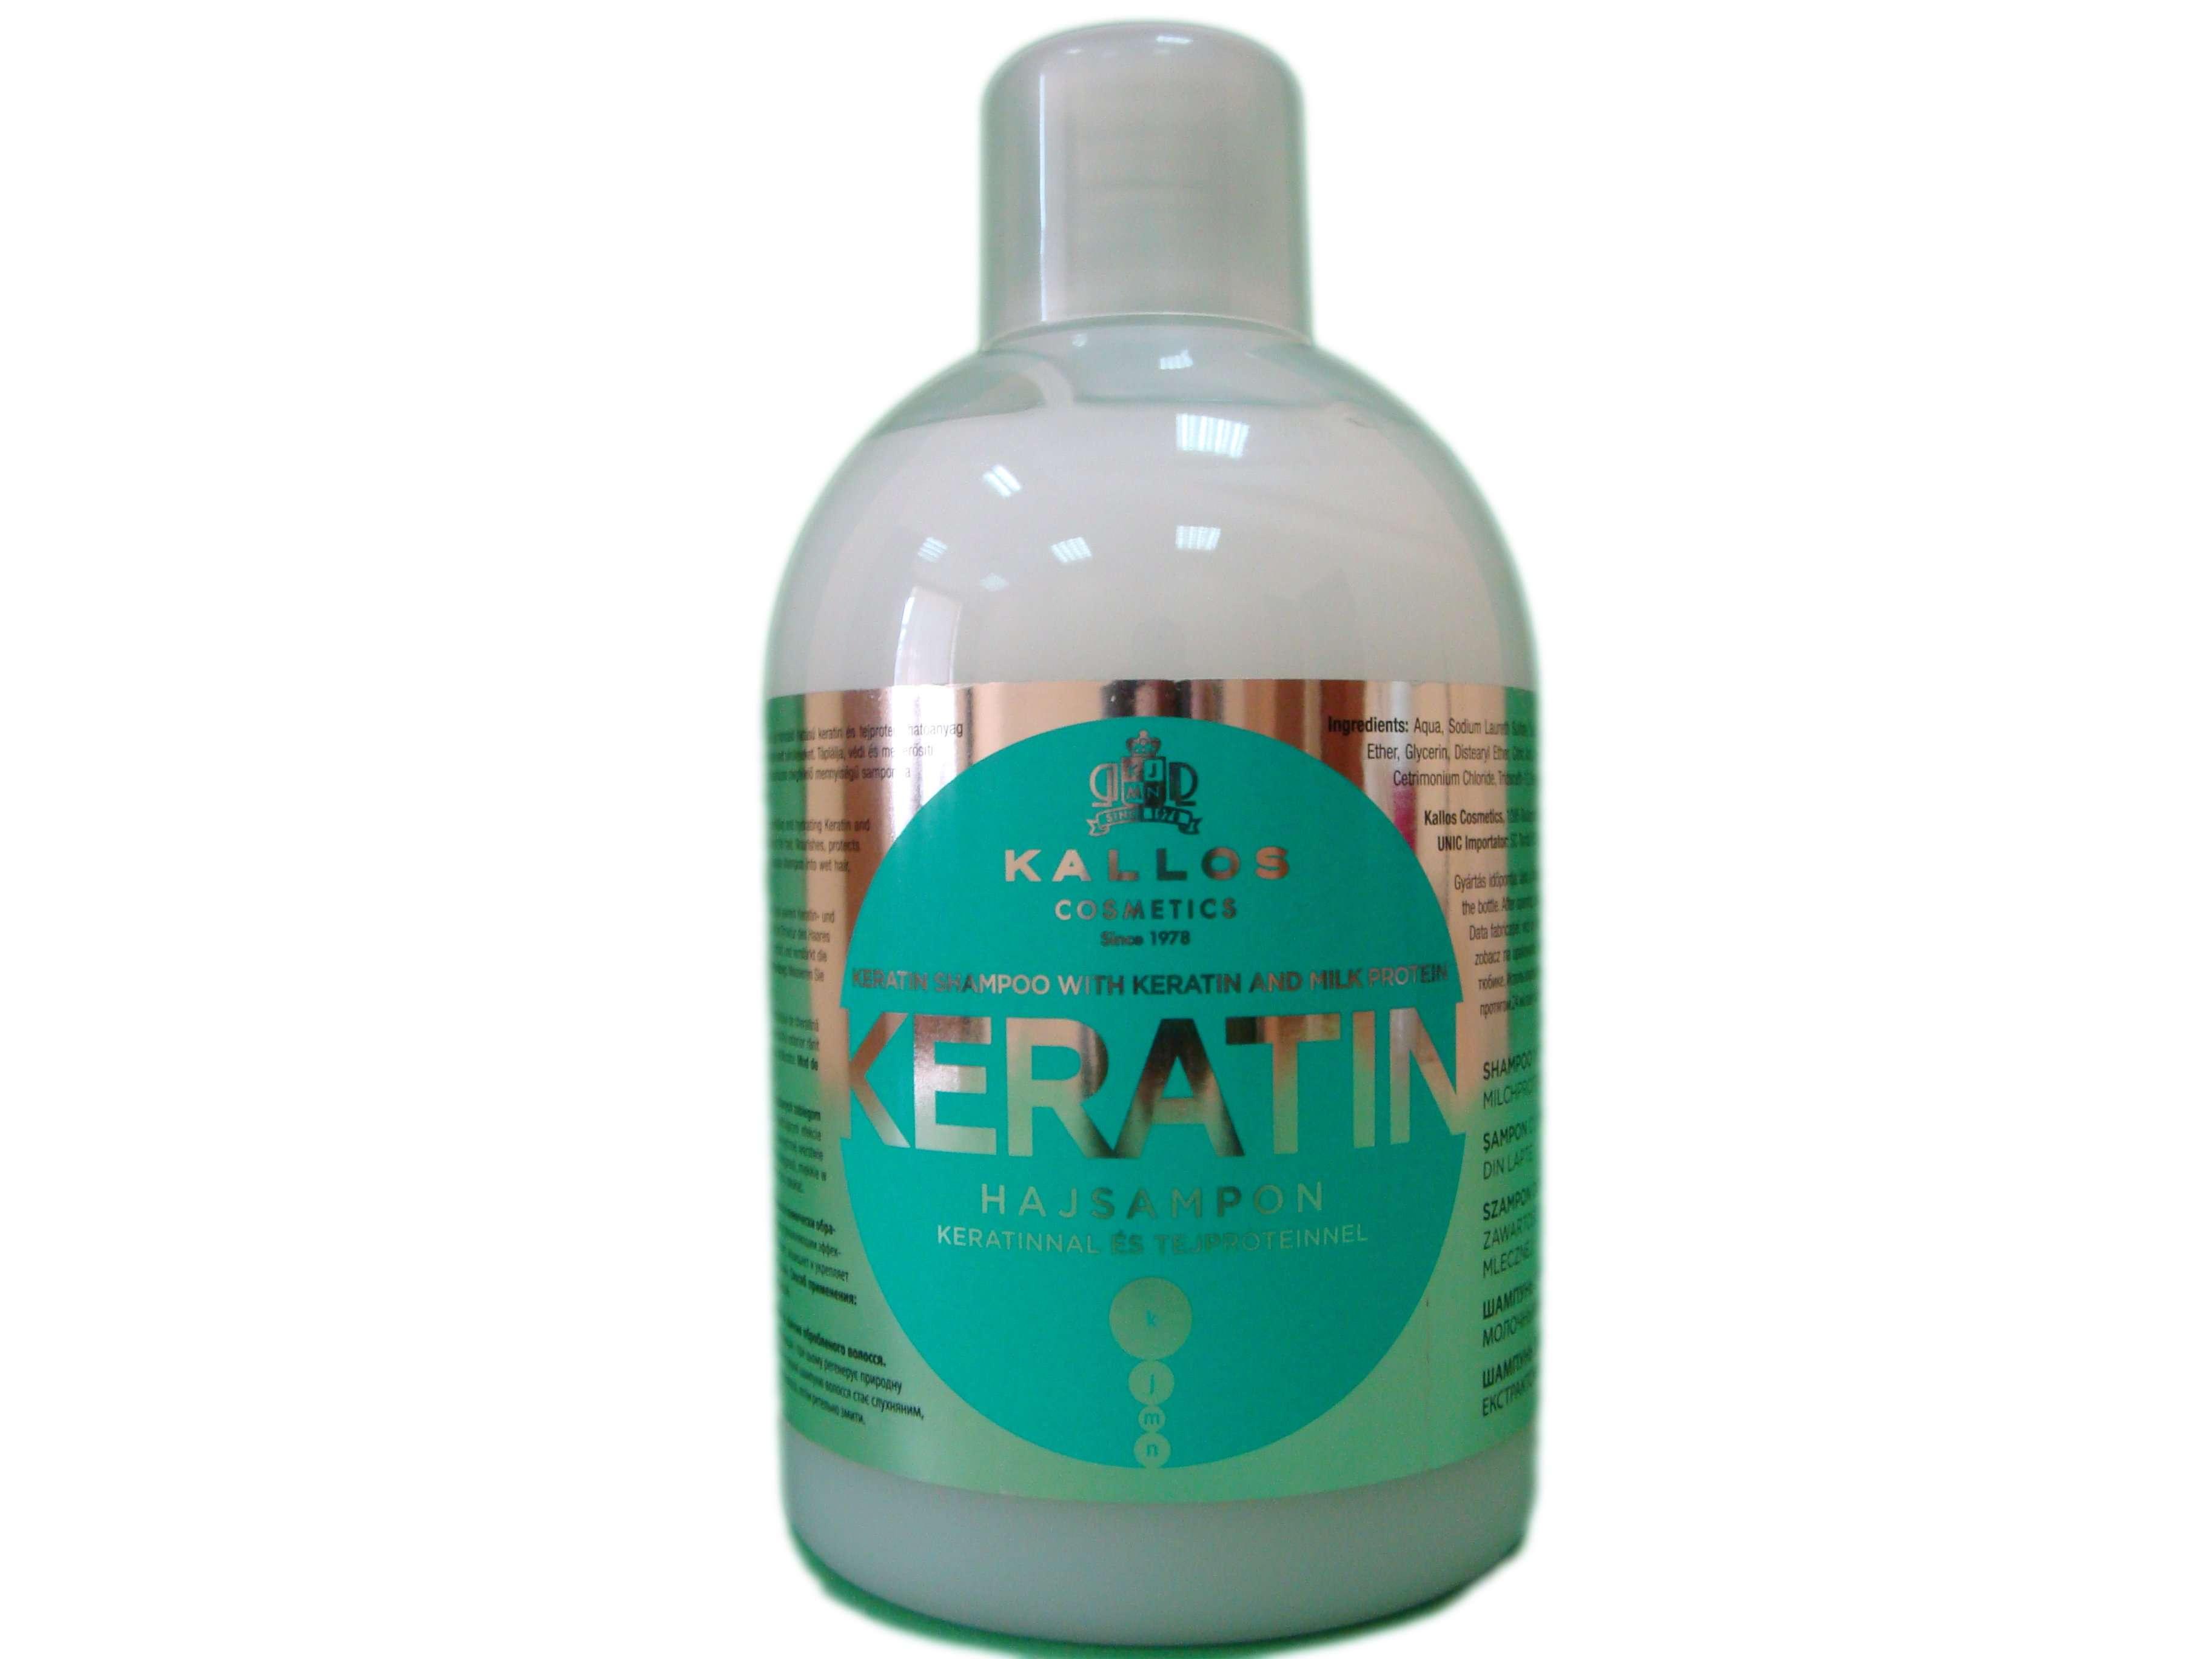 Шампуньдля волос с кератином и экстрактом молочного